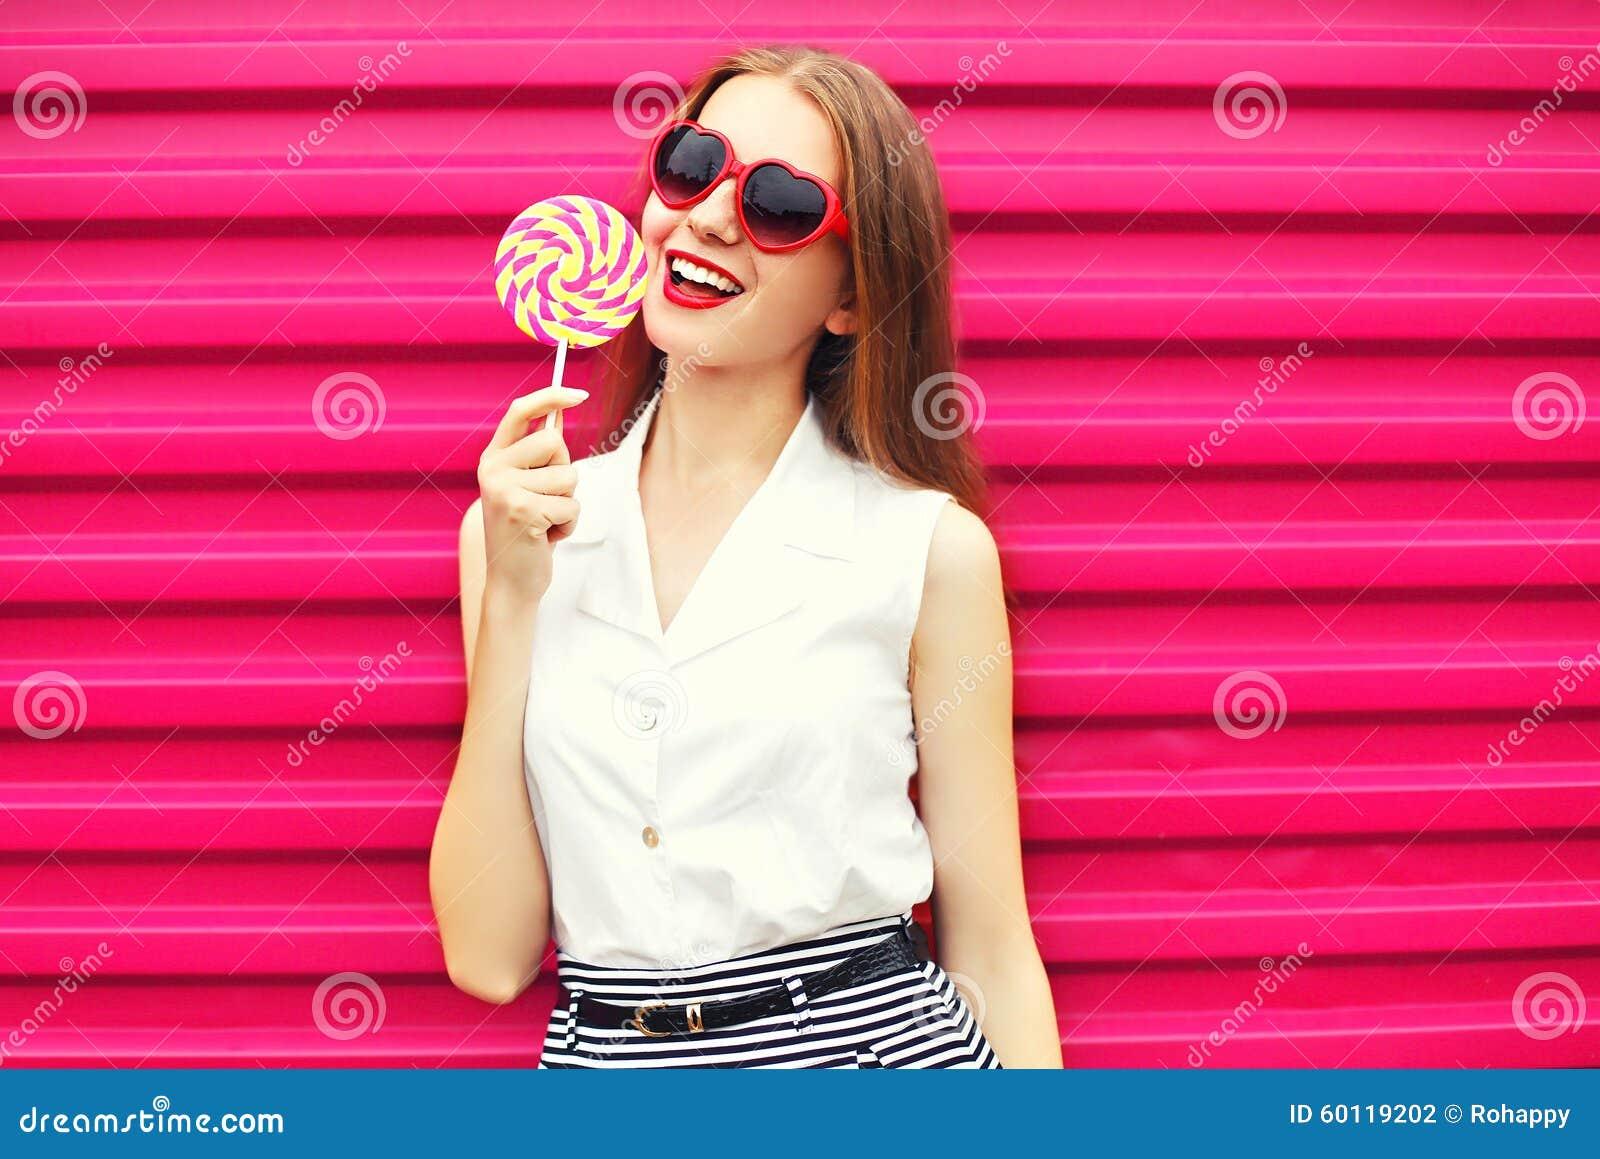 Jovem mulher bonita doce com o pirulito sobre o rosa